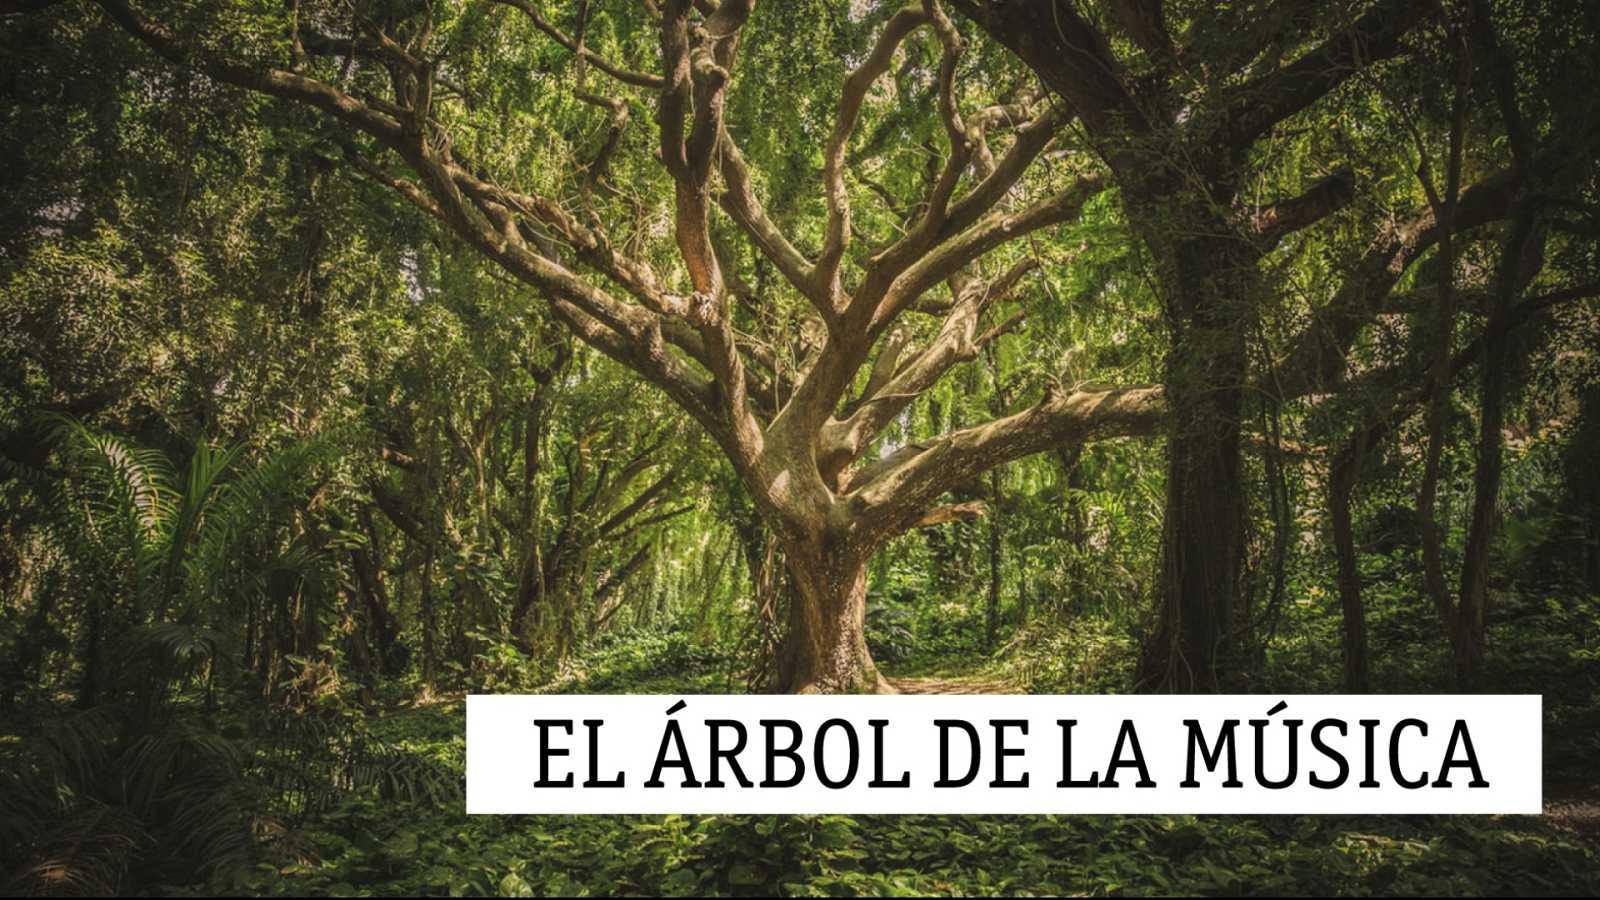 El árbol de la música - El oro de los duendes - 09/05/21 - escuchar ahora